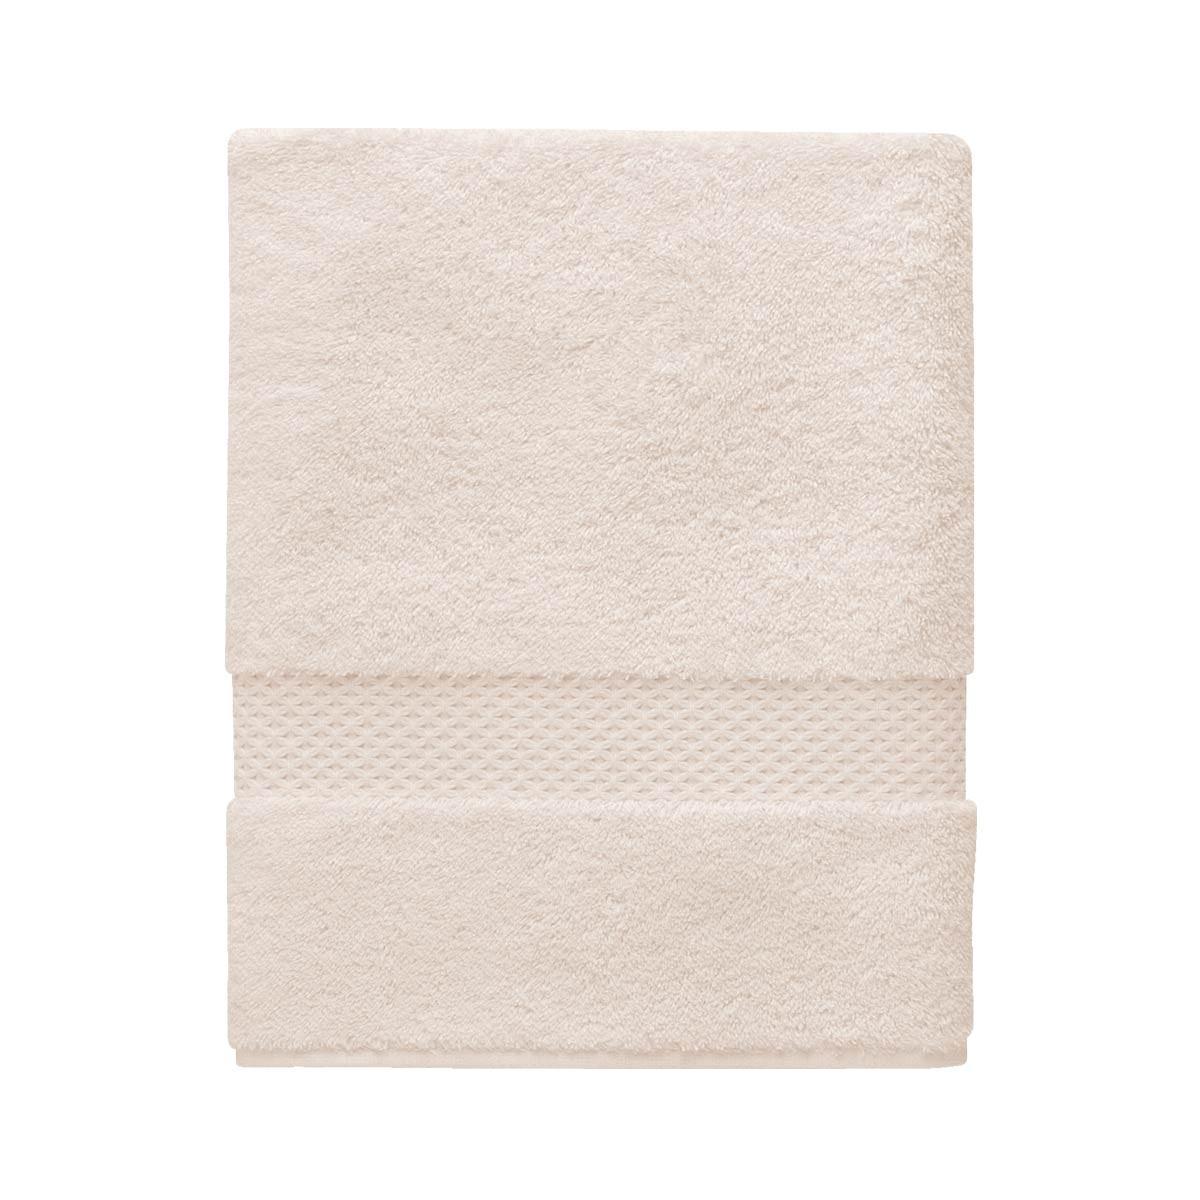 Etoile Nacre Hand Towel 55x100cm